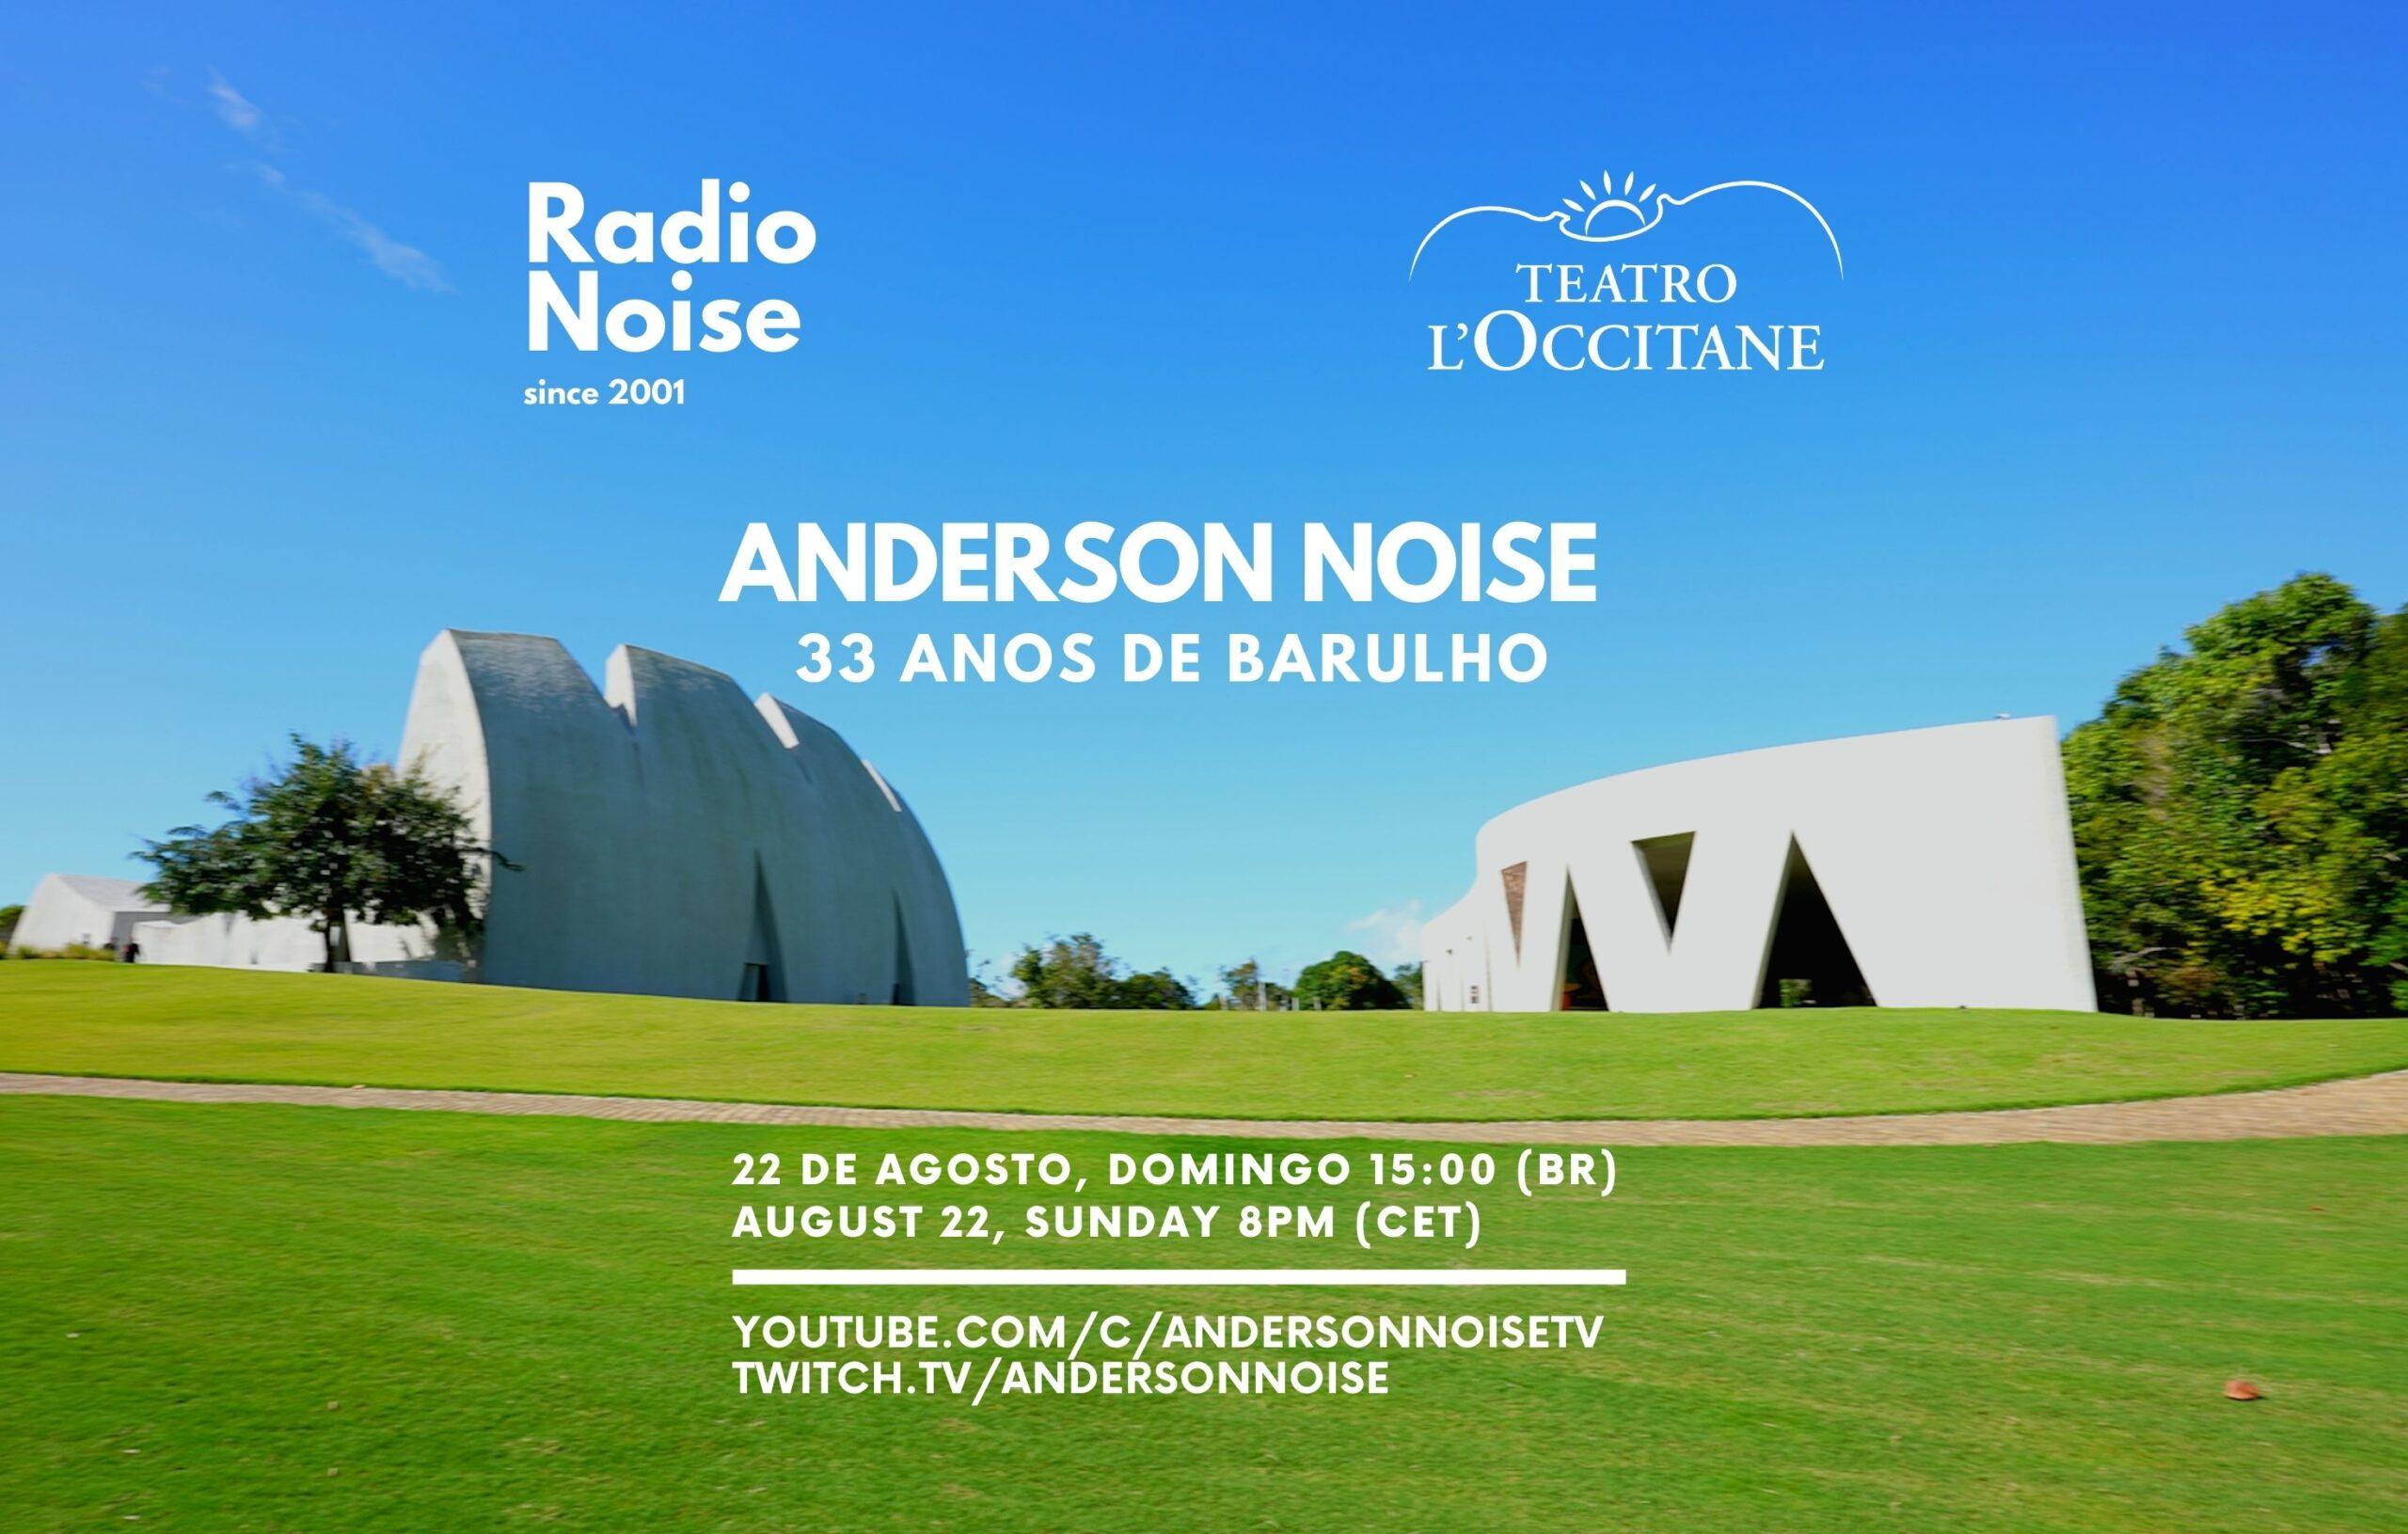 Anderson Noise 33 Anos de Barulho @ Teatro L'Occitane Trancoso